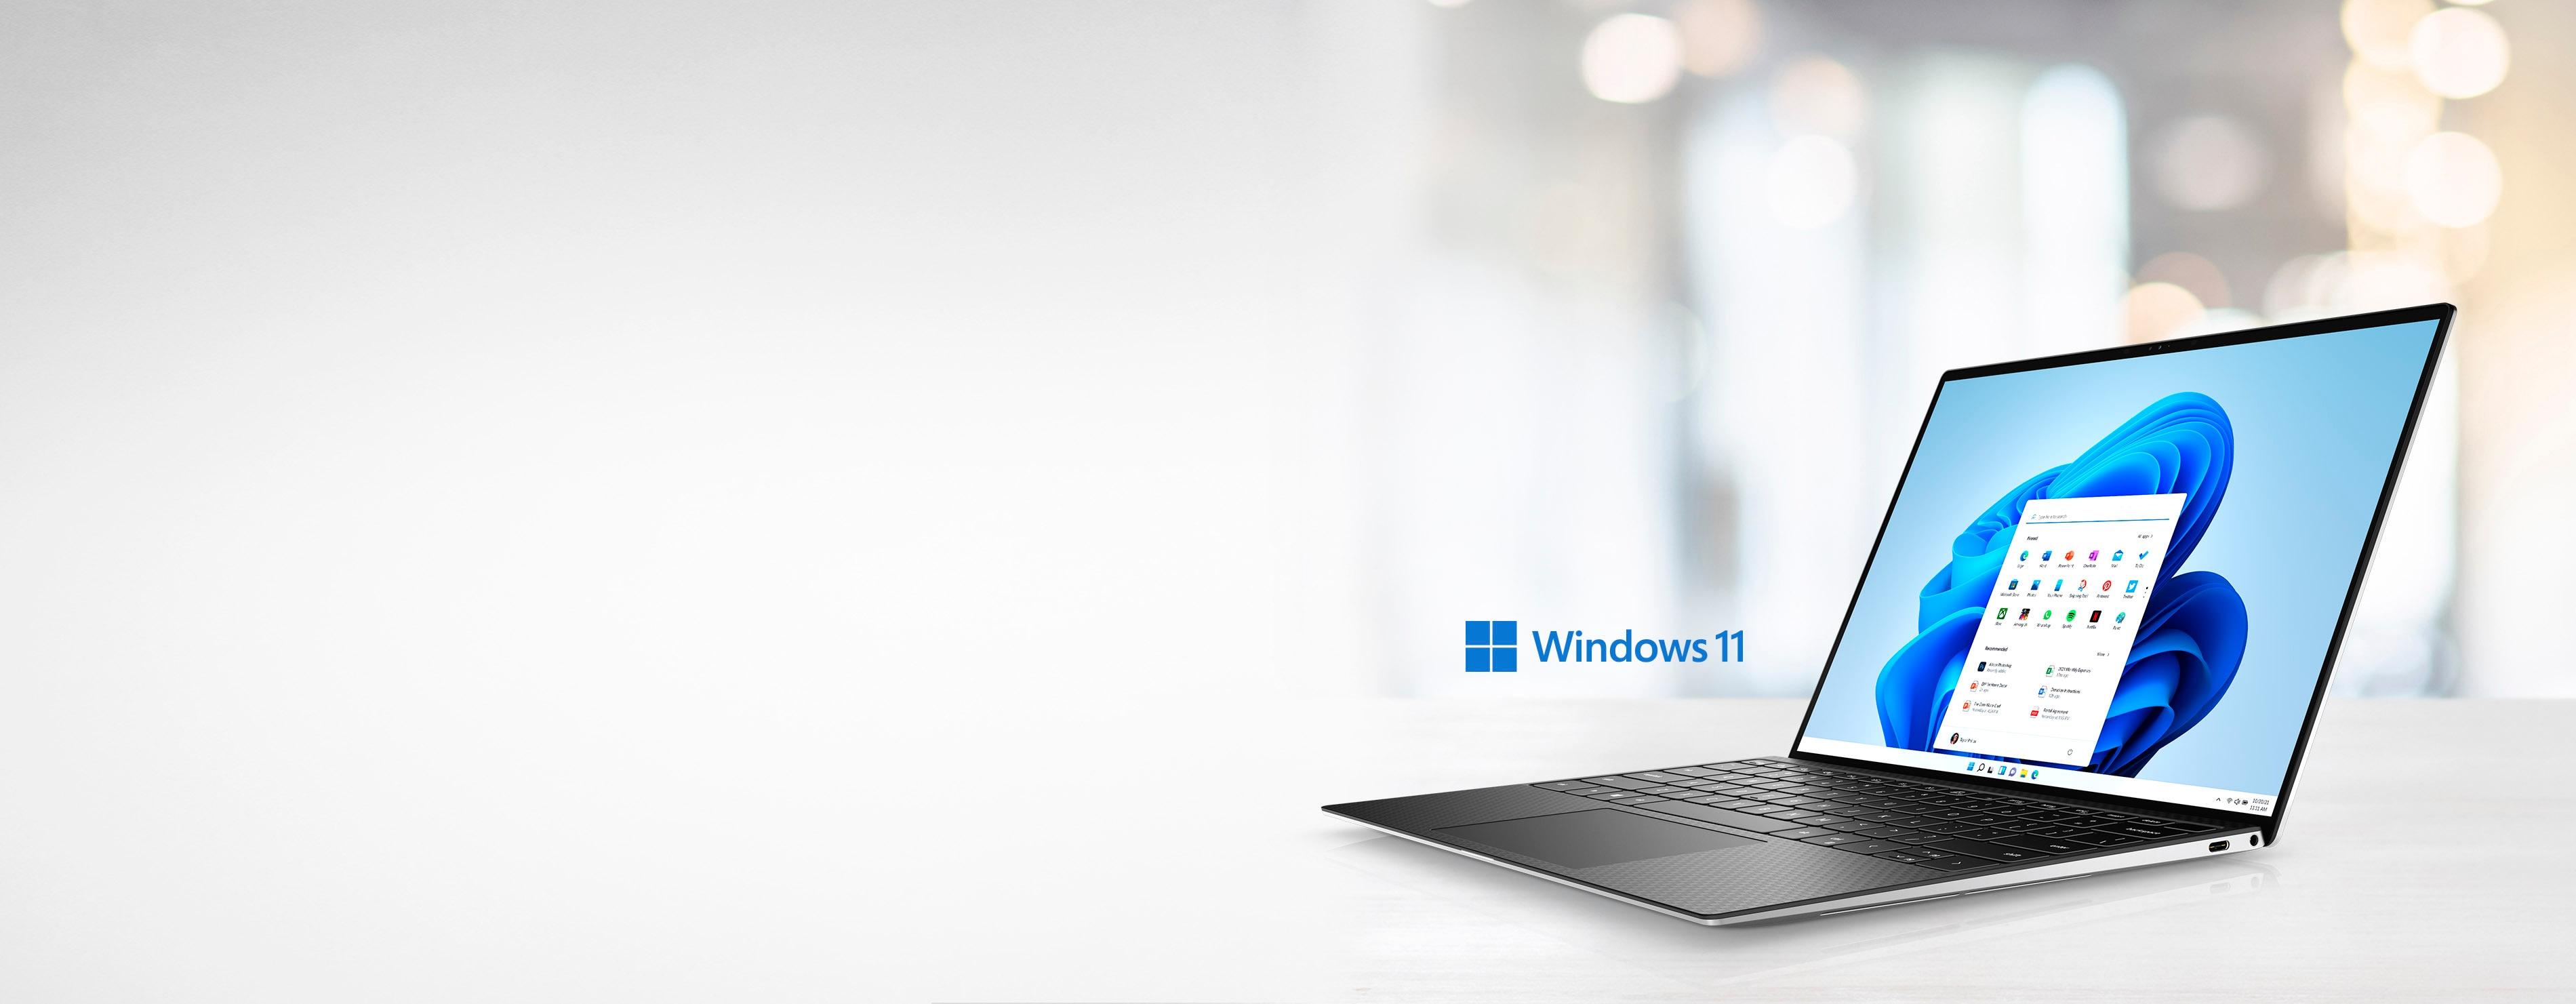 欢迎使用新Windows 11